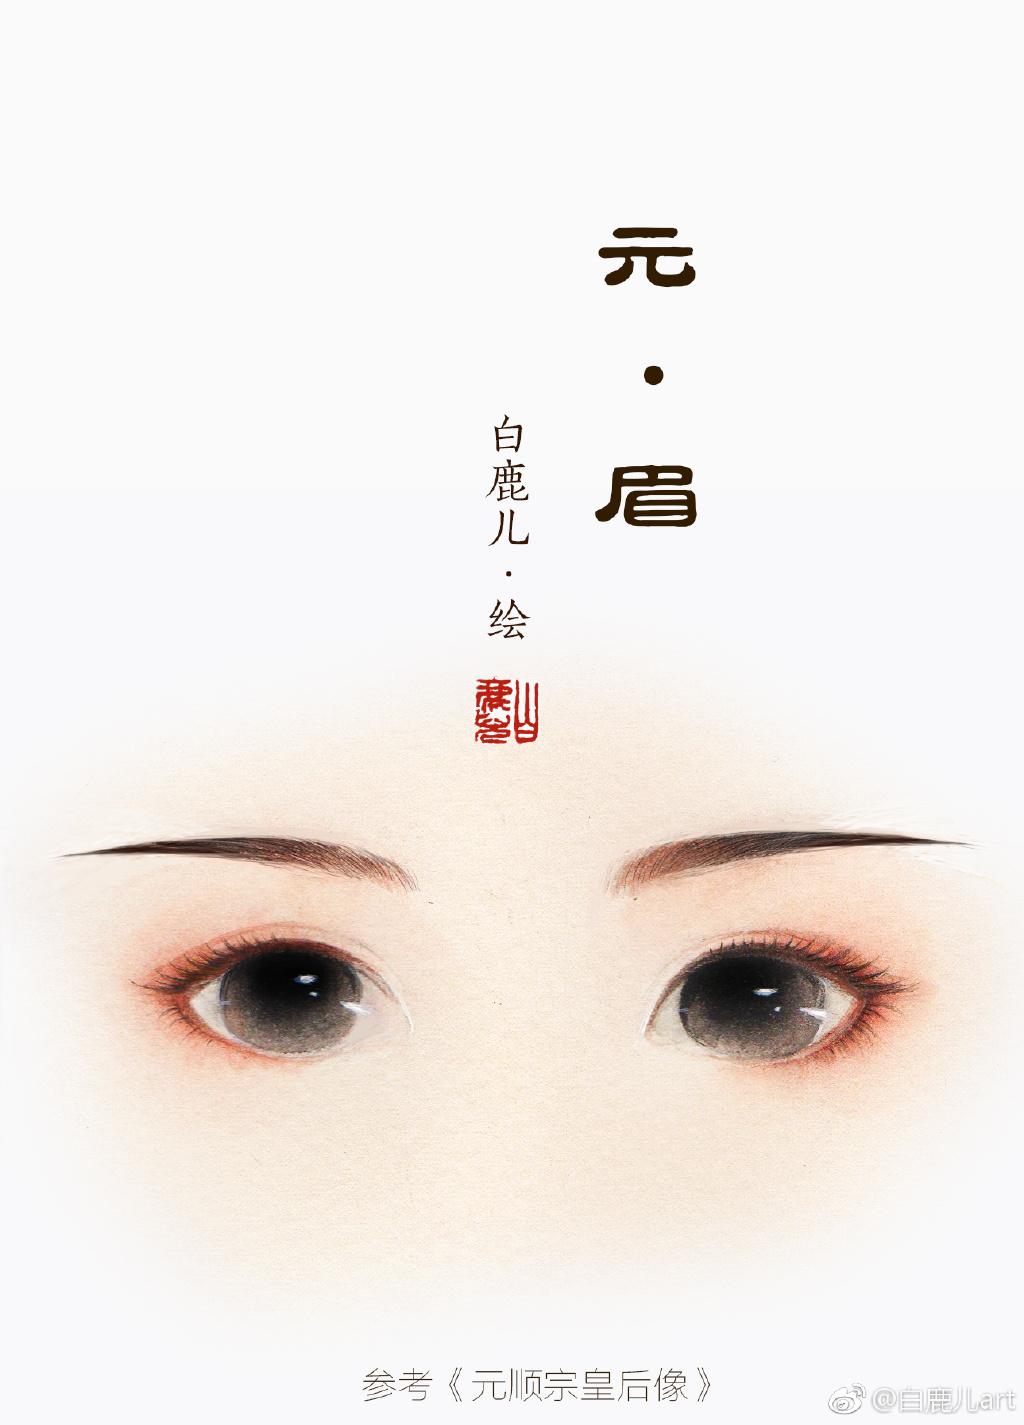 如何描绘古风女子眉毛?不同种类眉毛的图集